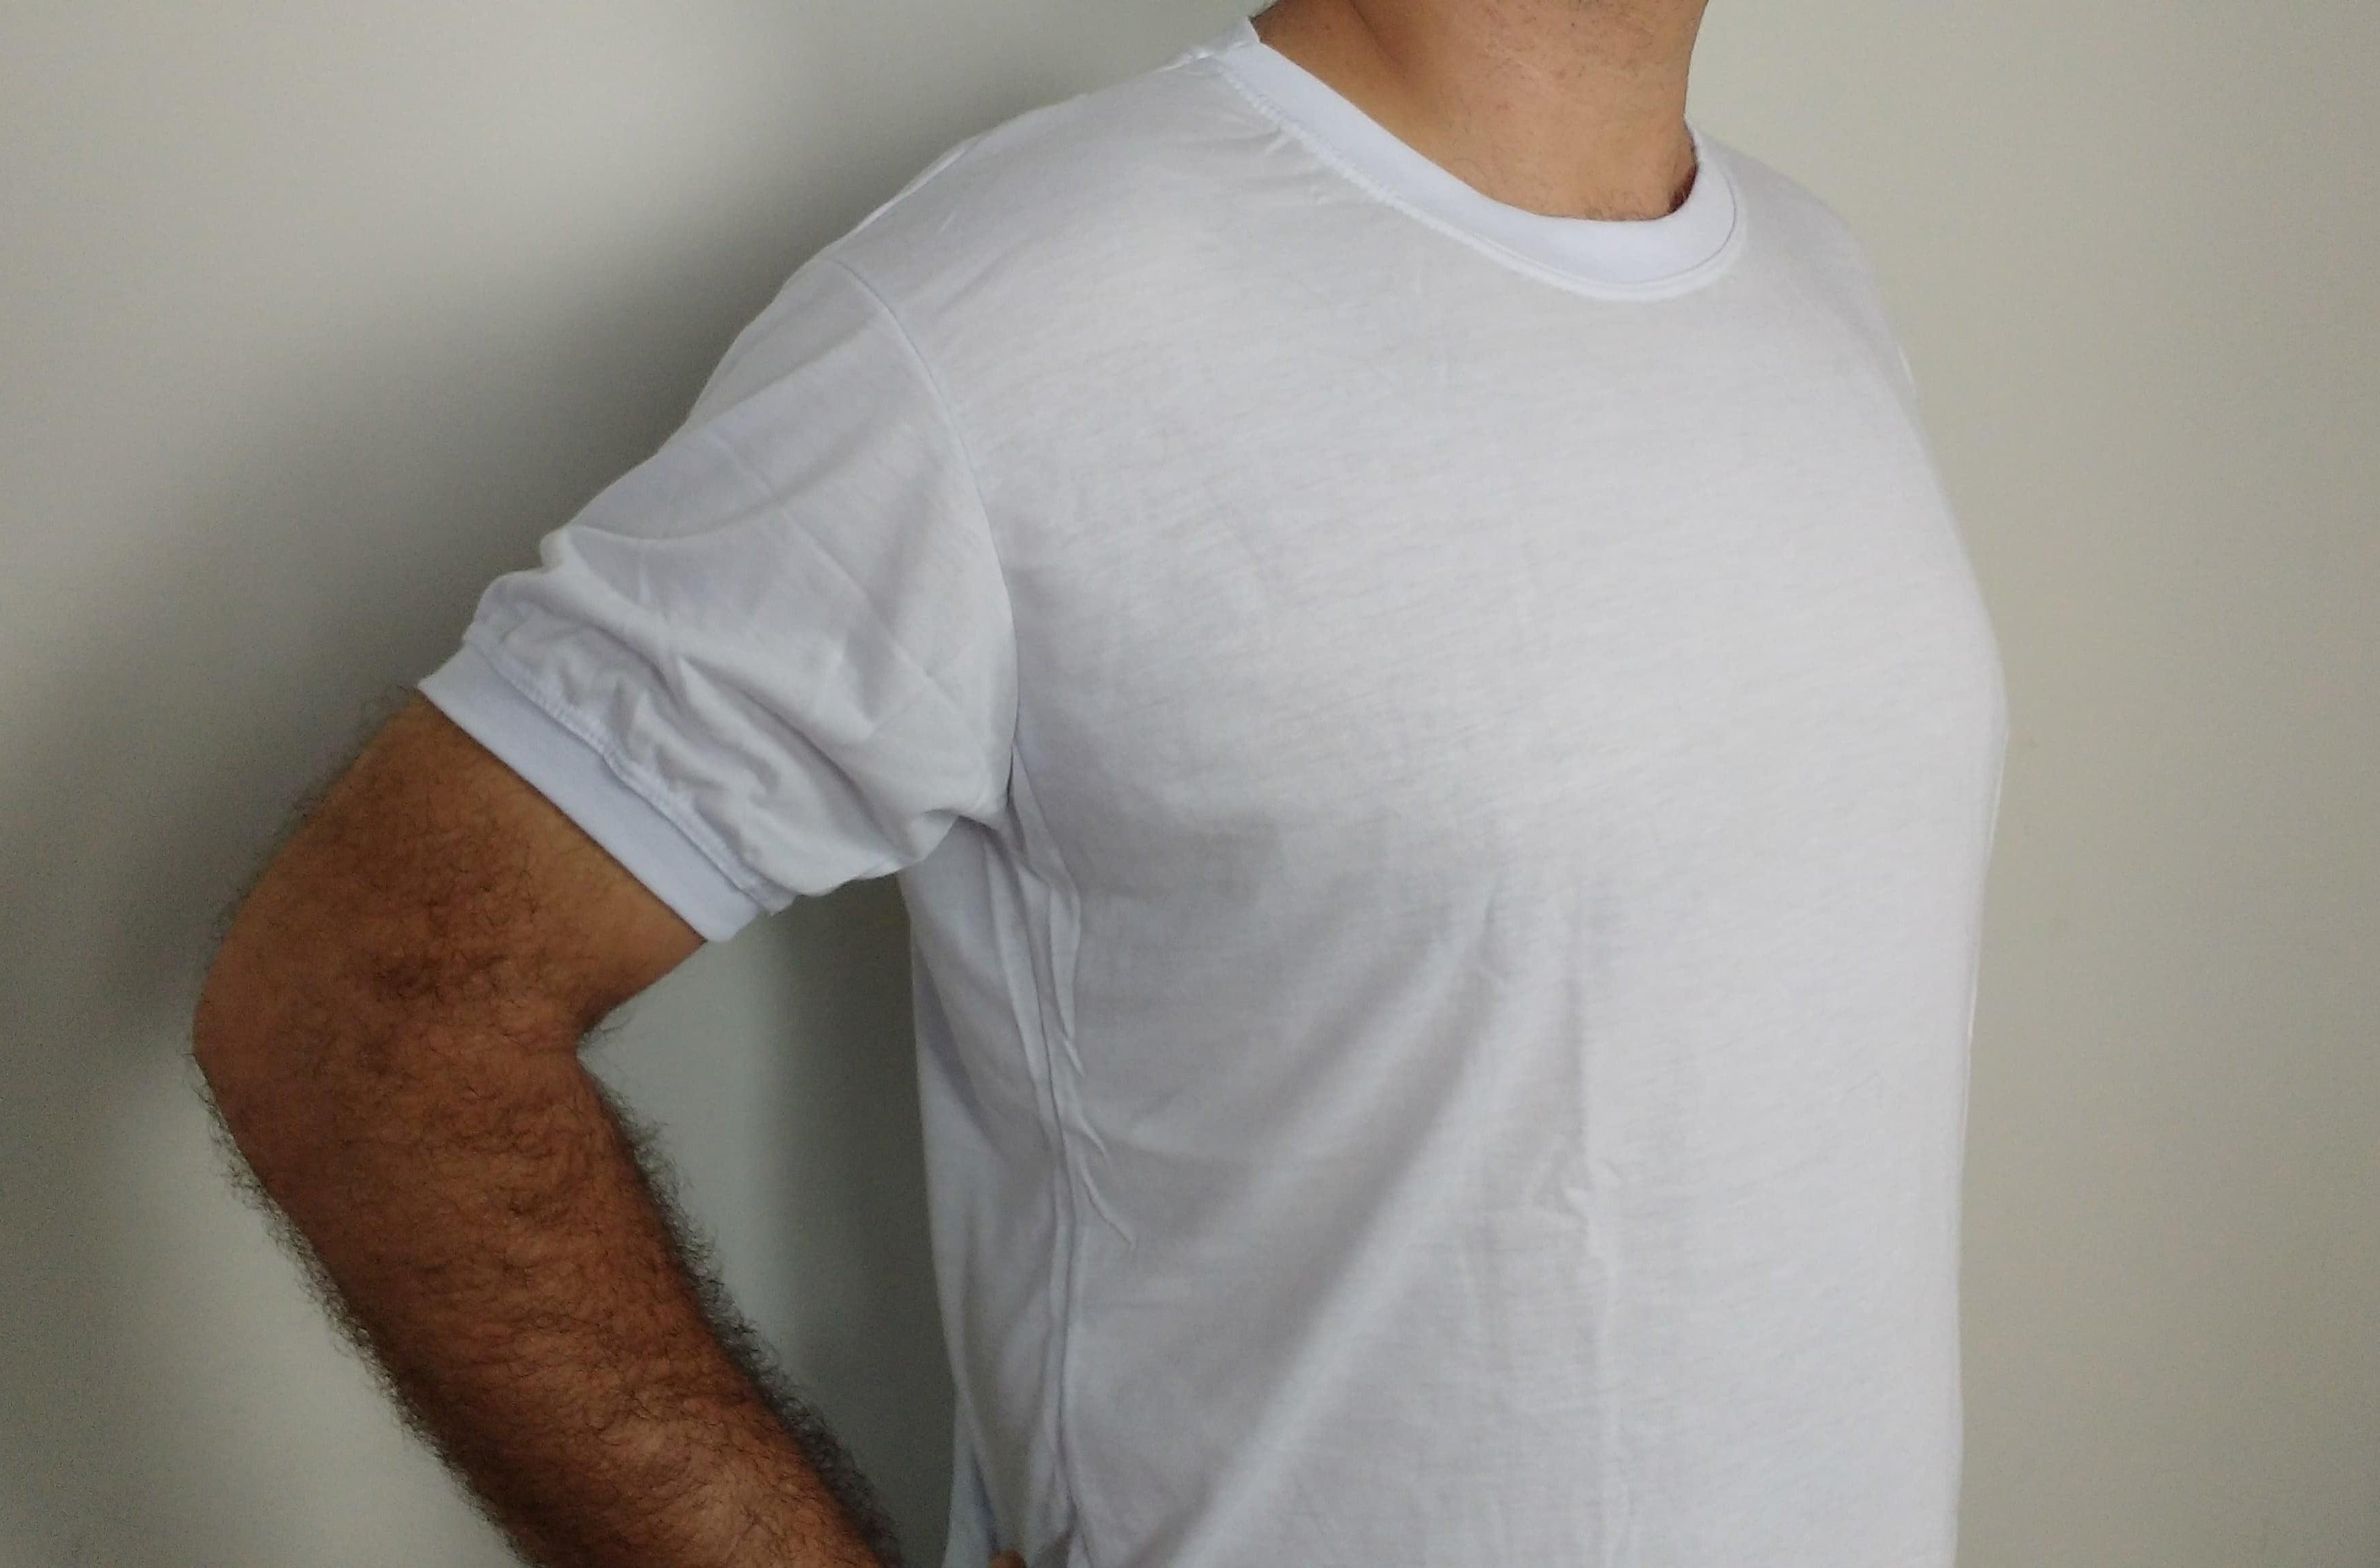 Camiseta branca, gola redonda, manga curta